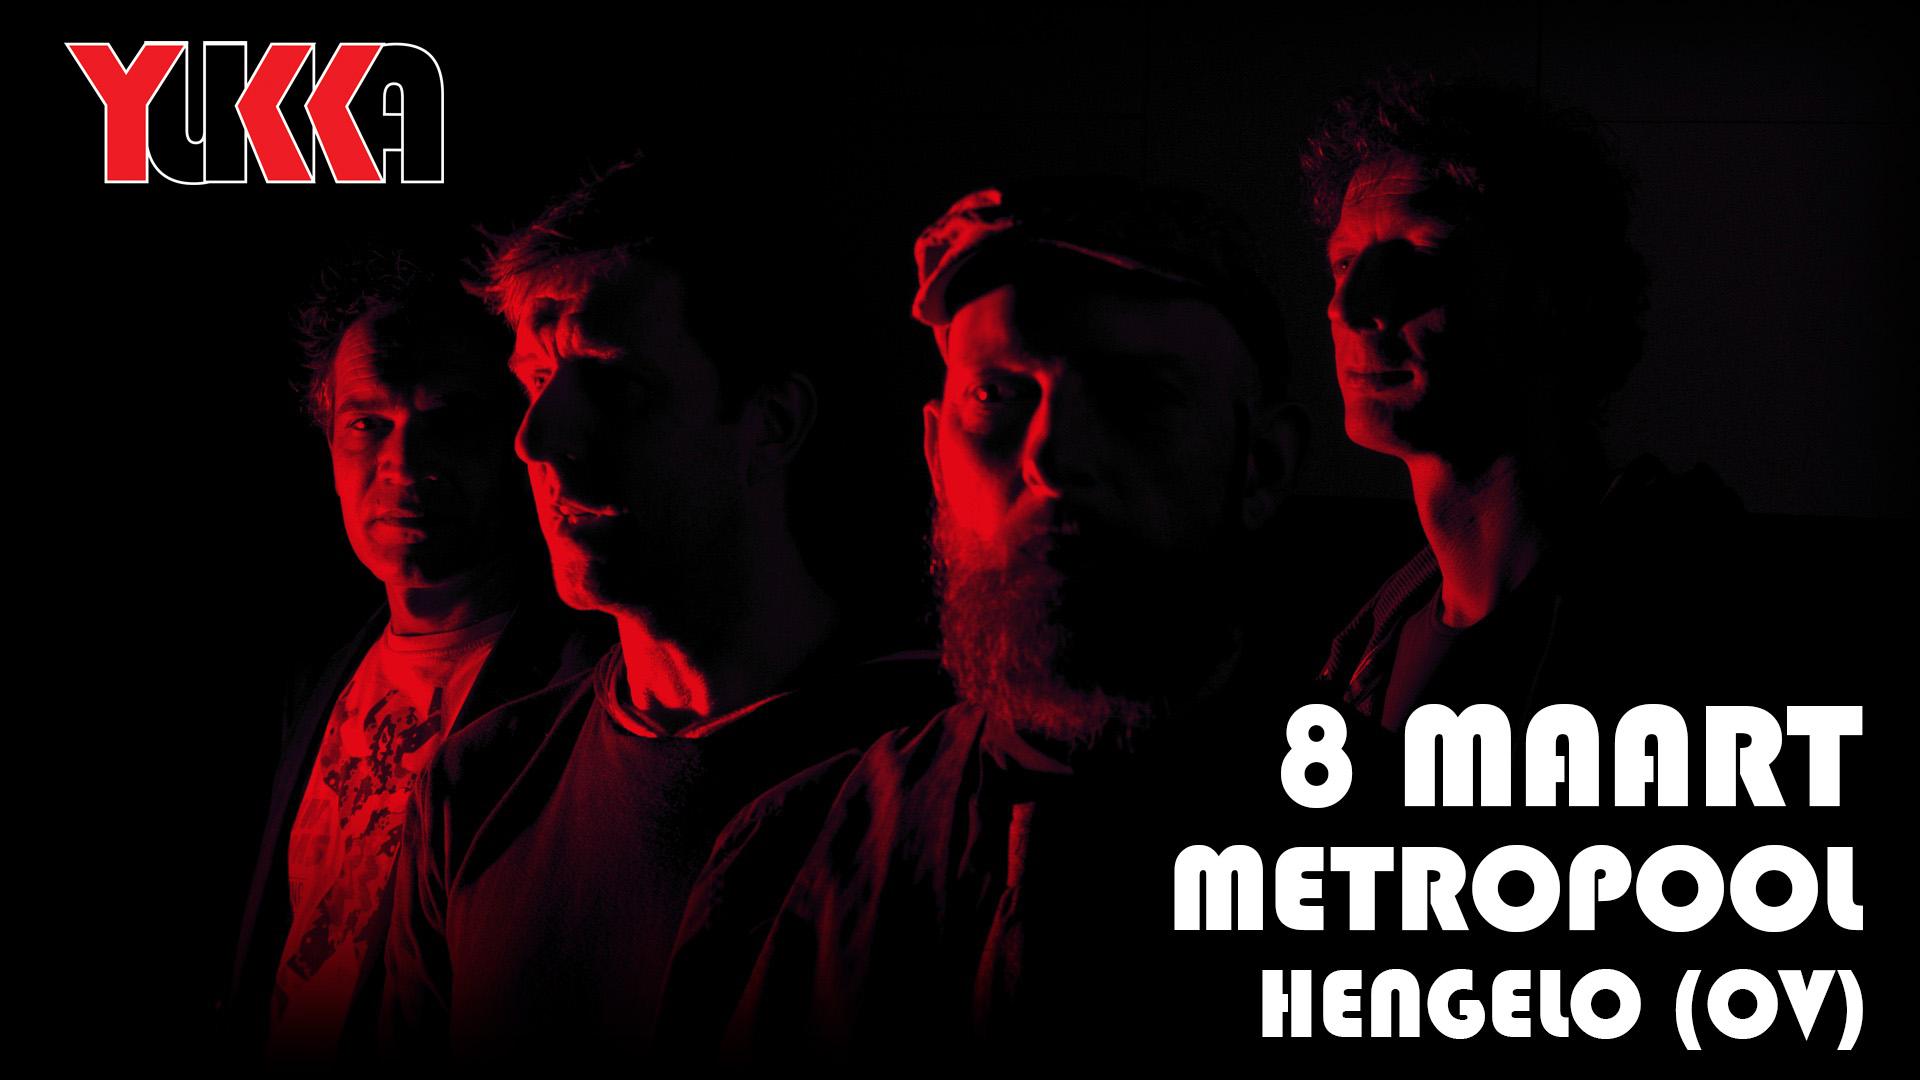 Yukka-new-ep-studio-moscow-march-8-2018-Metropool-Hengelo